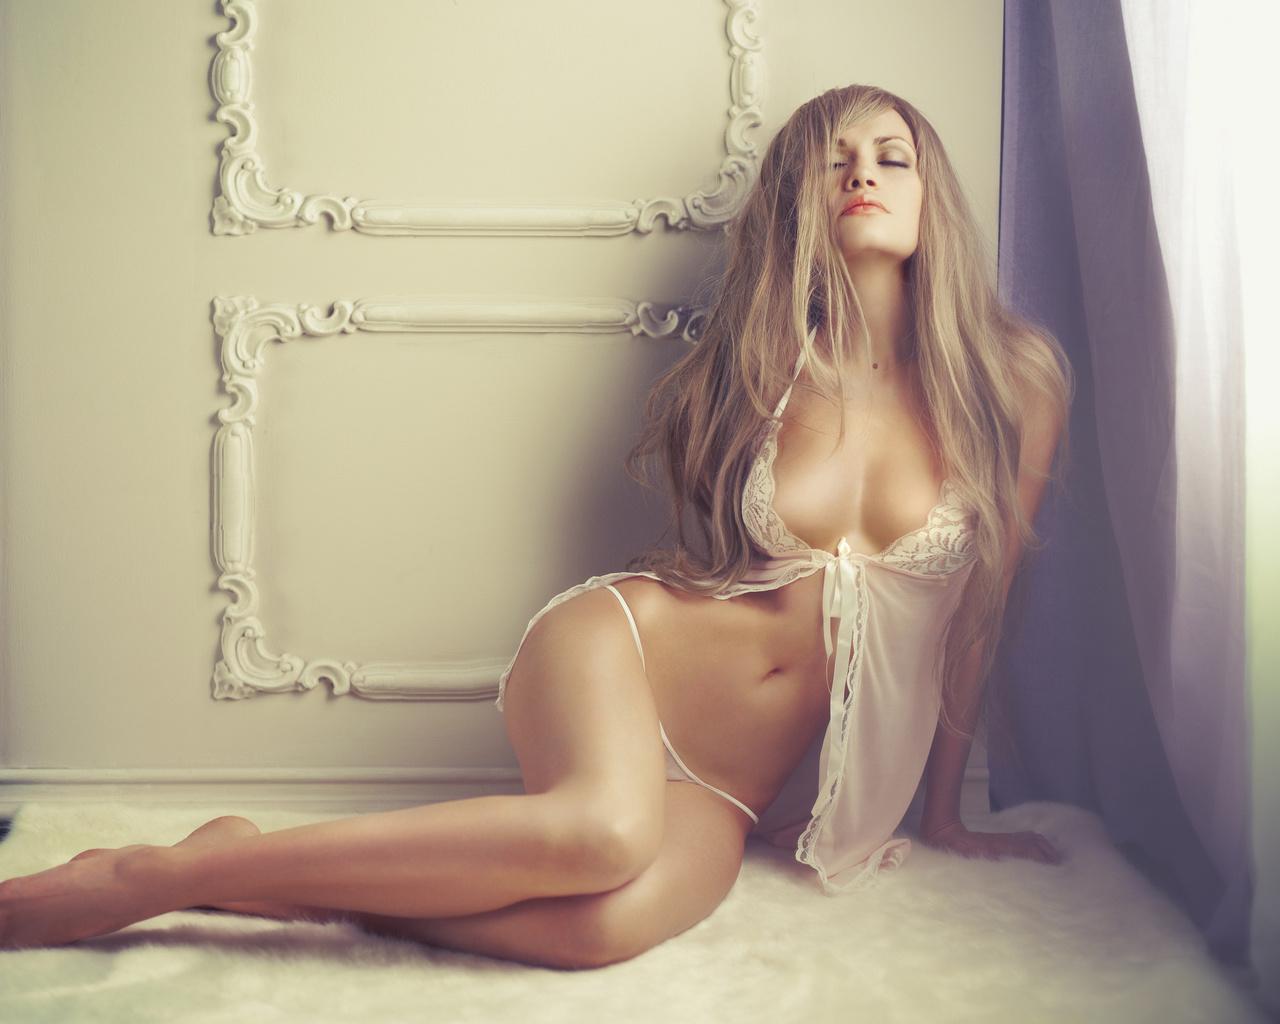 Эротическое и секс порно фото красивых русских девушек ...